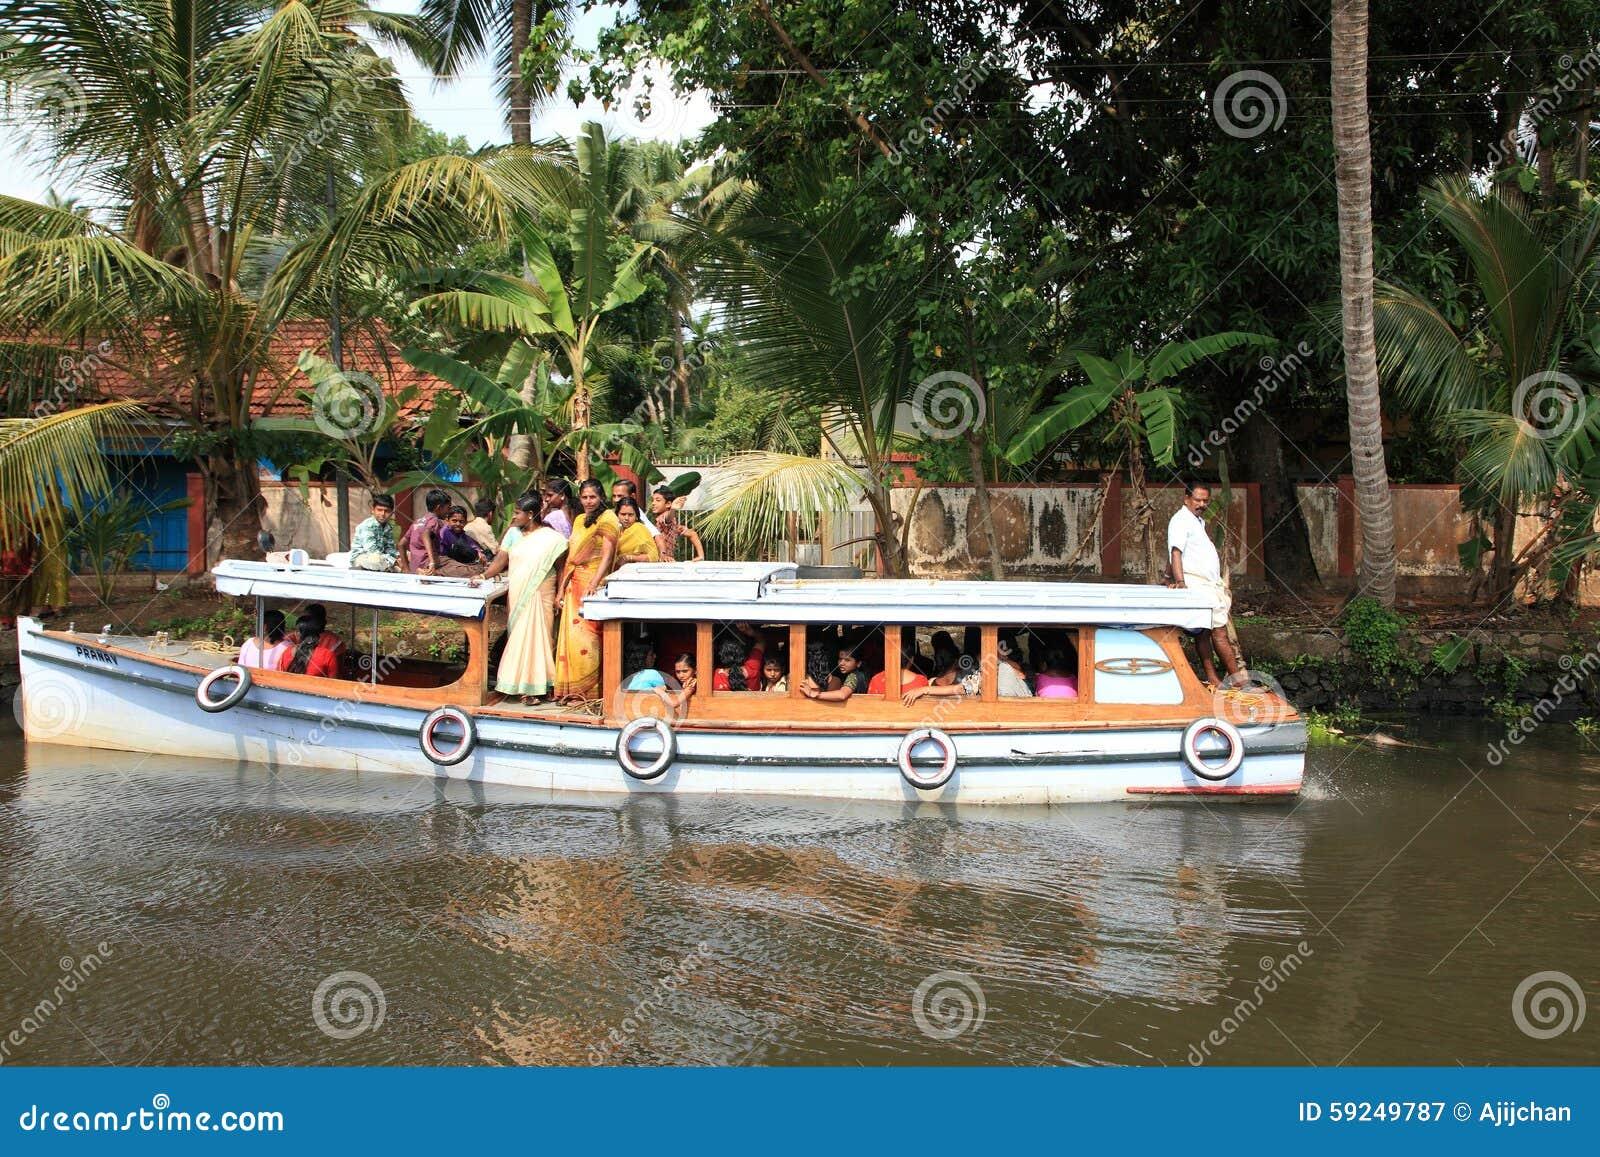 La gente viaja en un pequeño barco de pasajero en los remansos